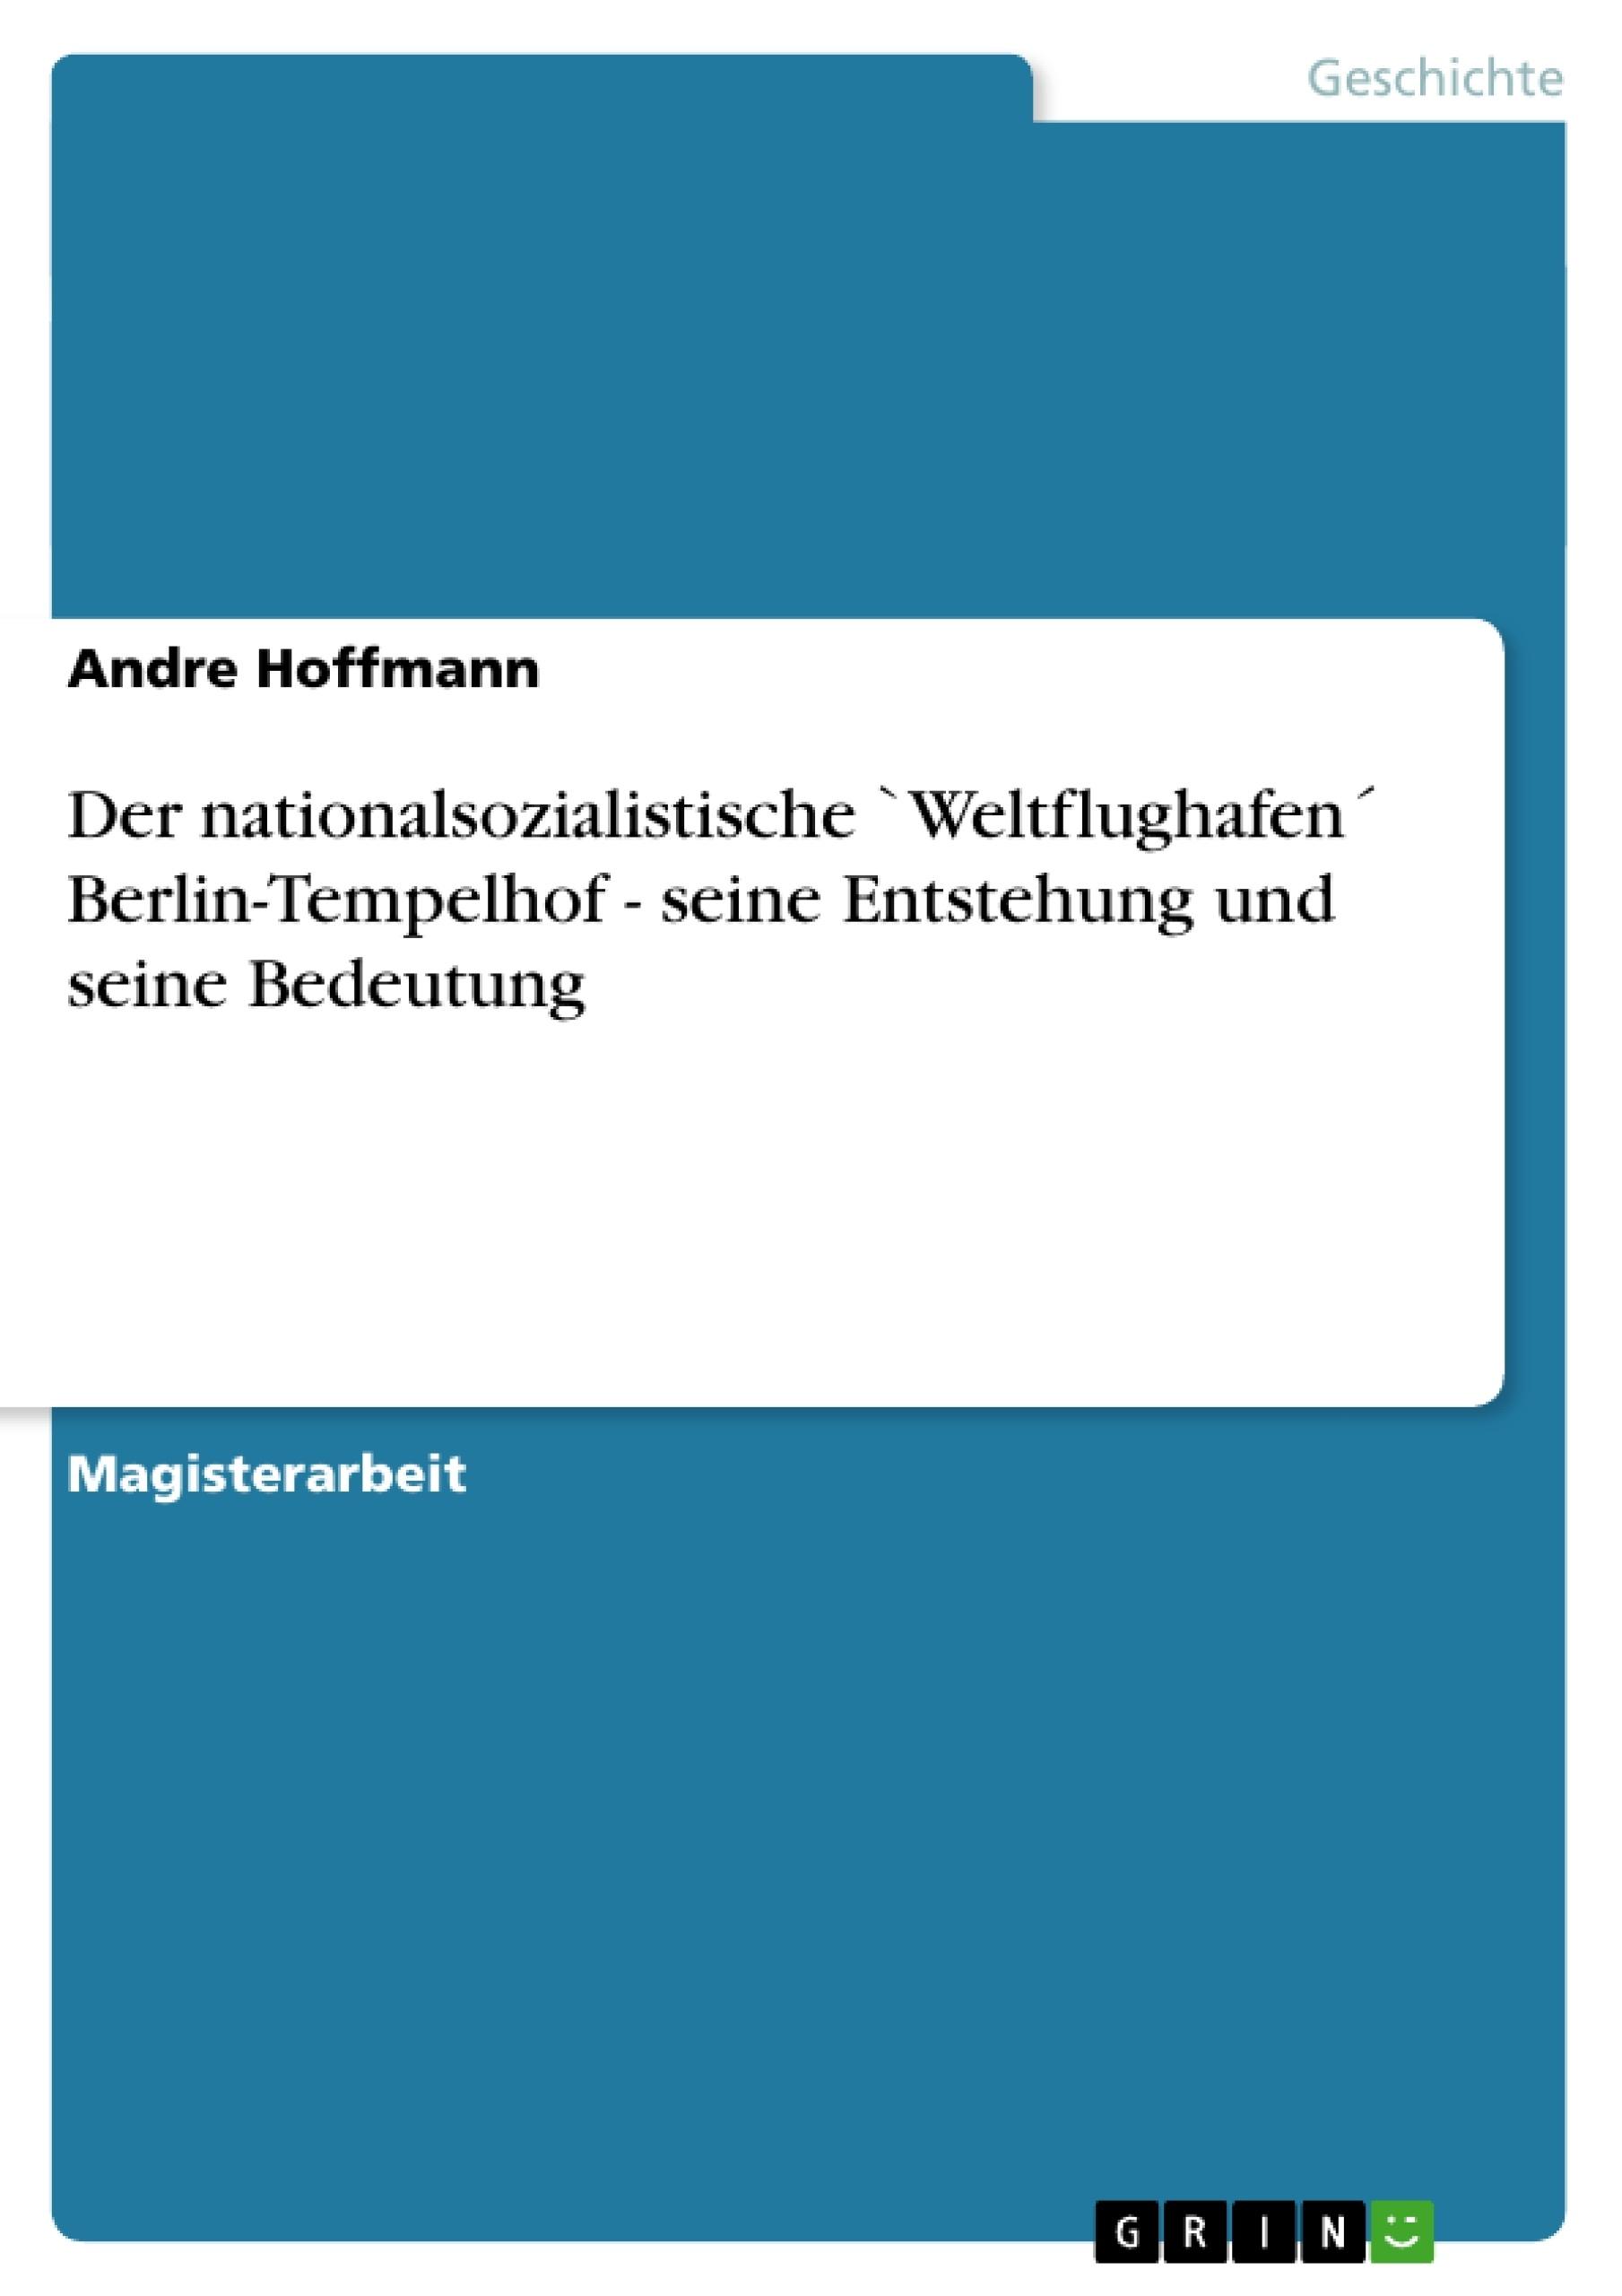 Titel: Der nationalsozialistische `Weltflughafen´ Berlin-Tempelhof - seine Entstehung und seine Bedeutung